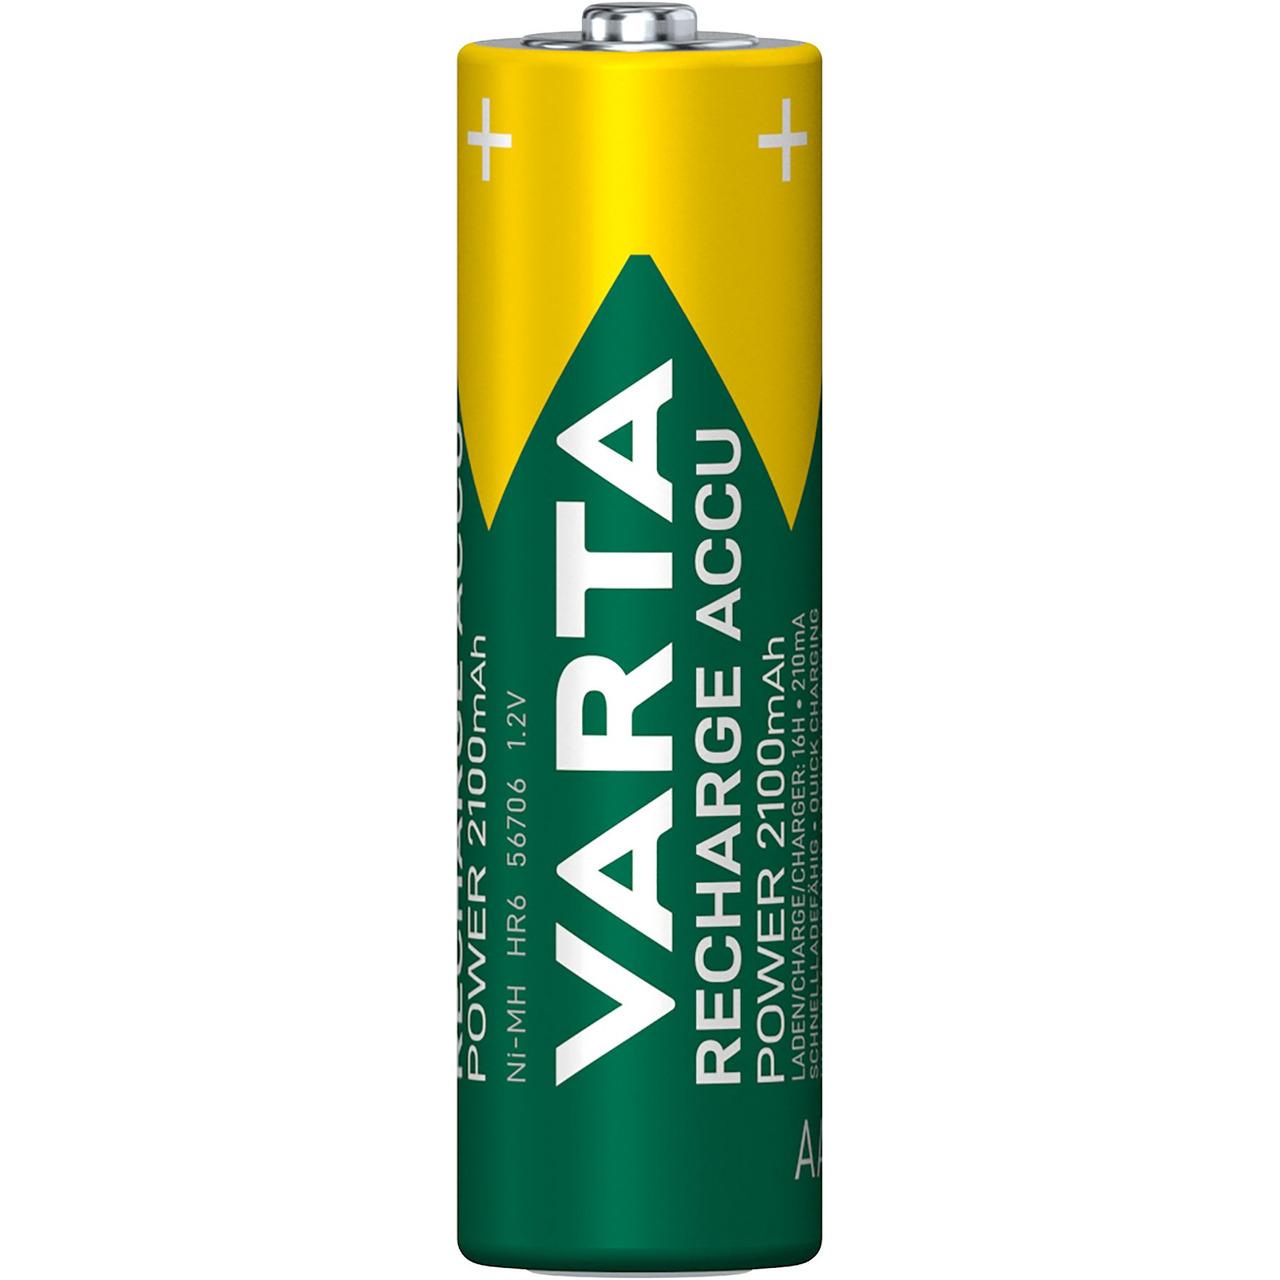 VARTA RECH-ACCU Power AA 2100mAh Blister 4